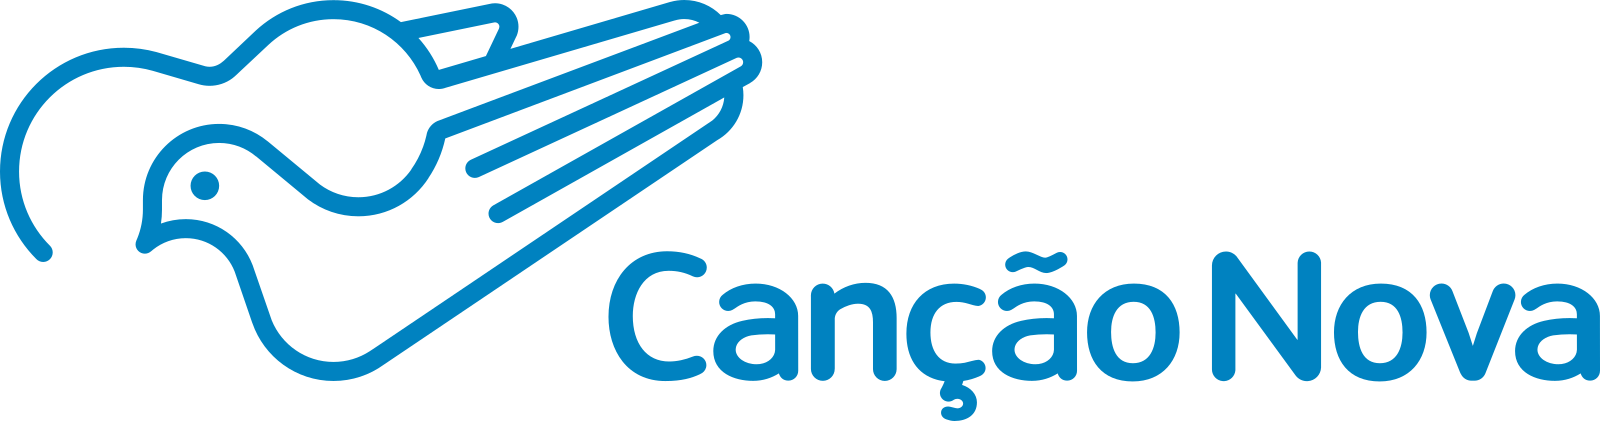 cancao nova logo 5 - Canção Nova Logo